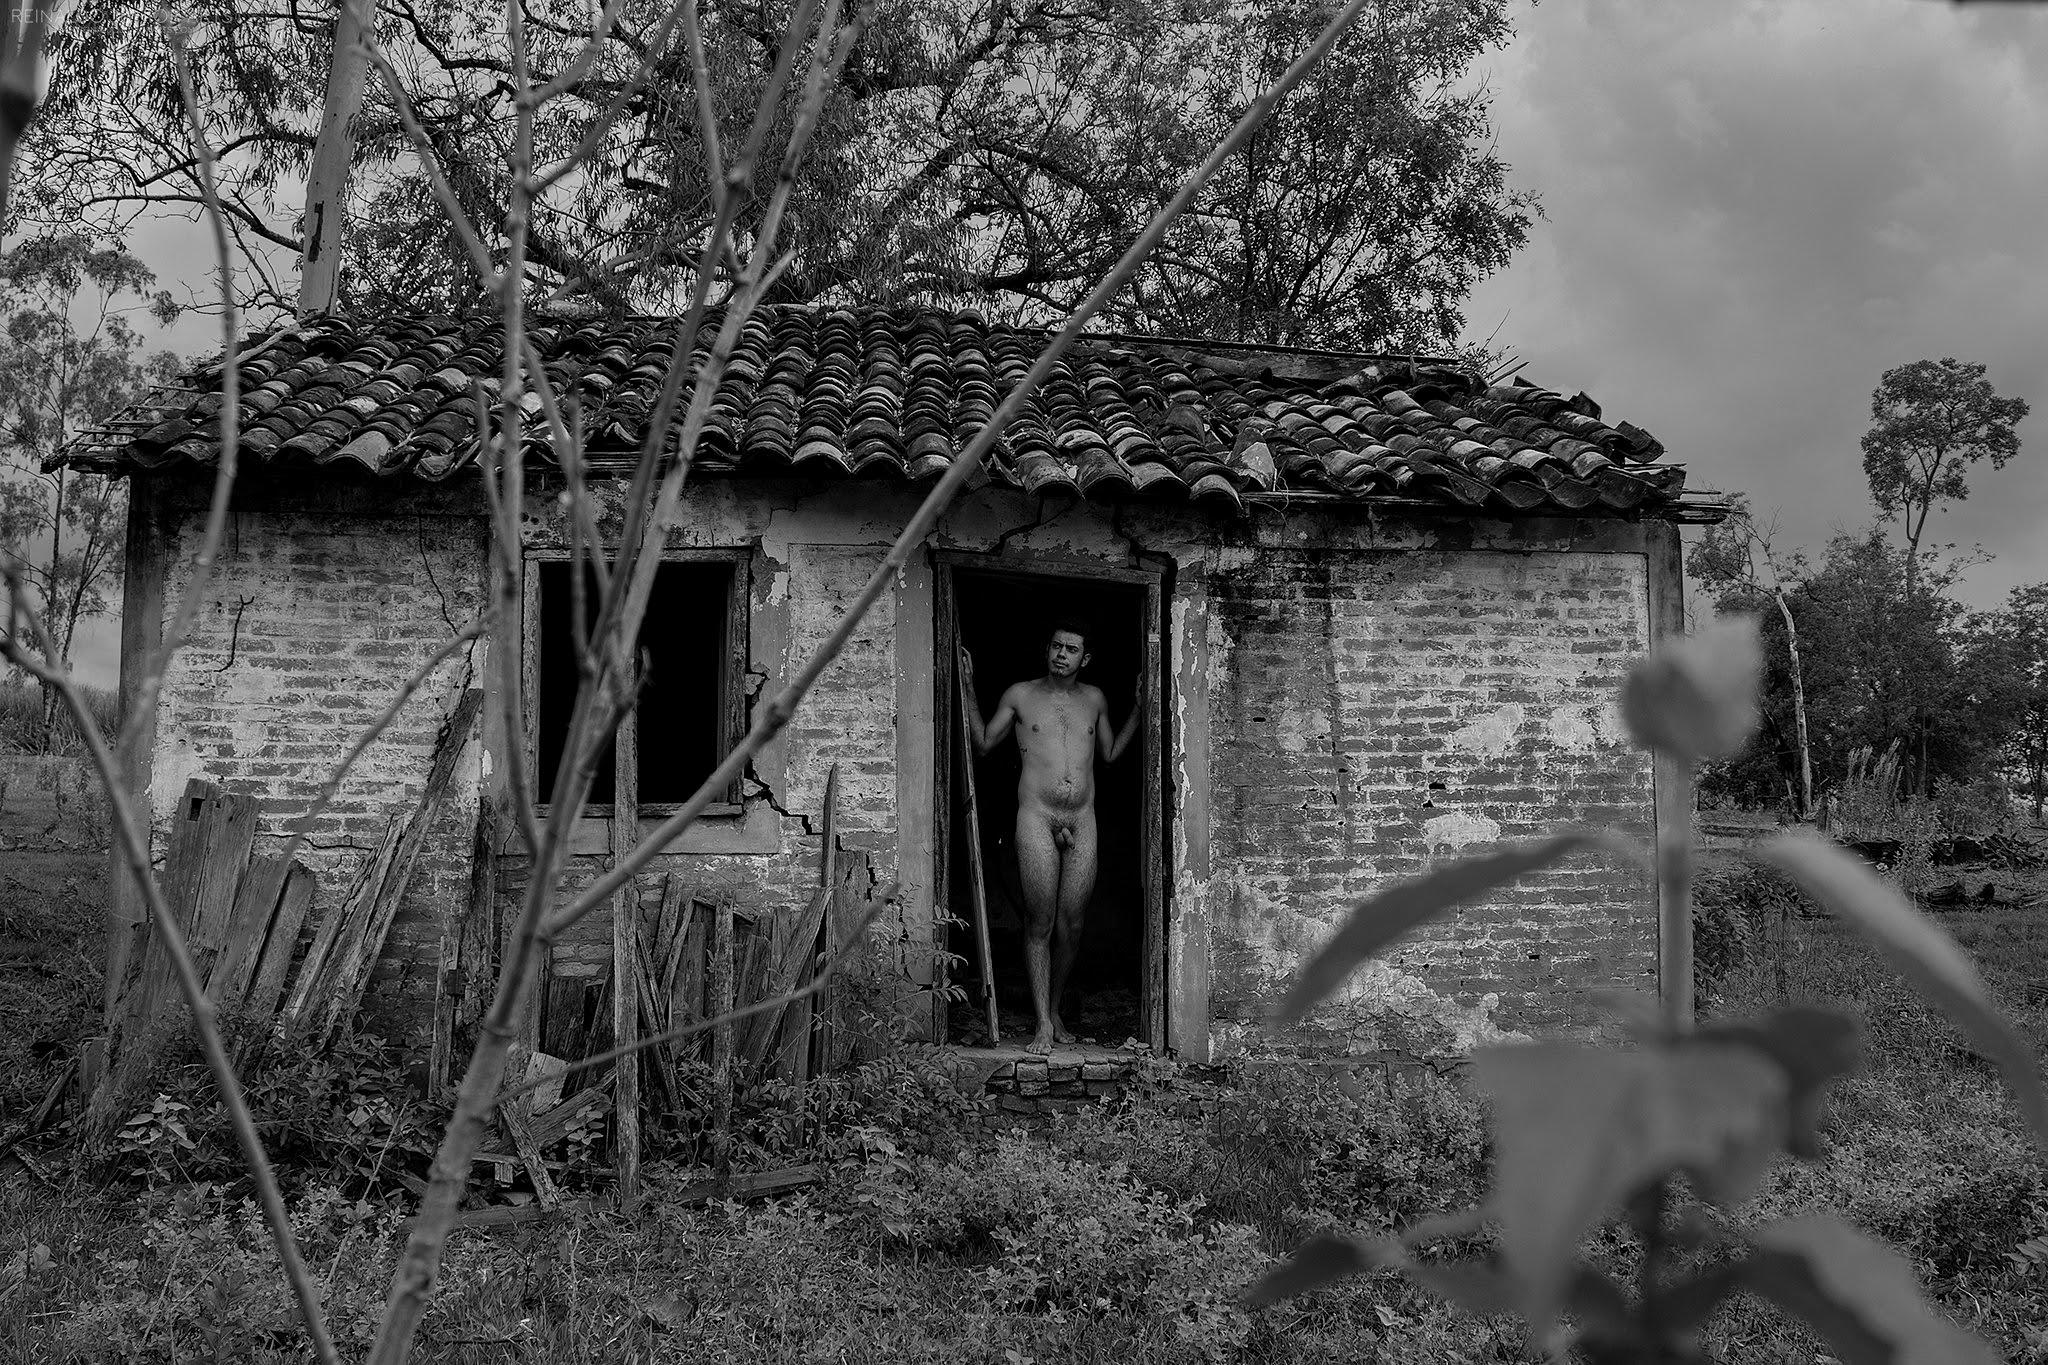 One DaY of FreedoM, by Reinaldo Junior ft Belchior Gonçalves da Silva (NSFW).